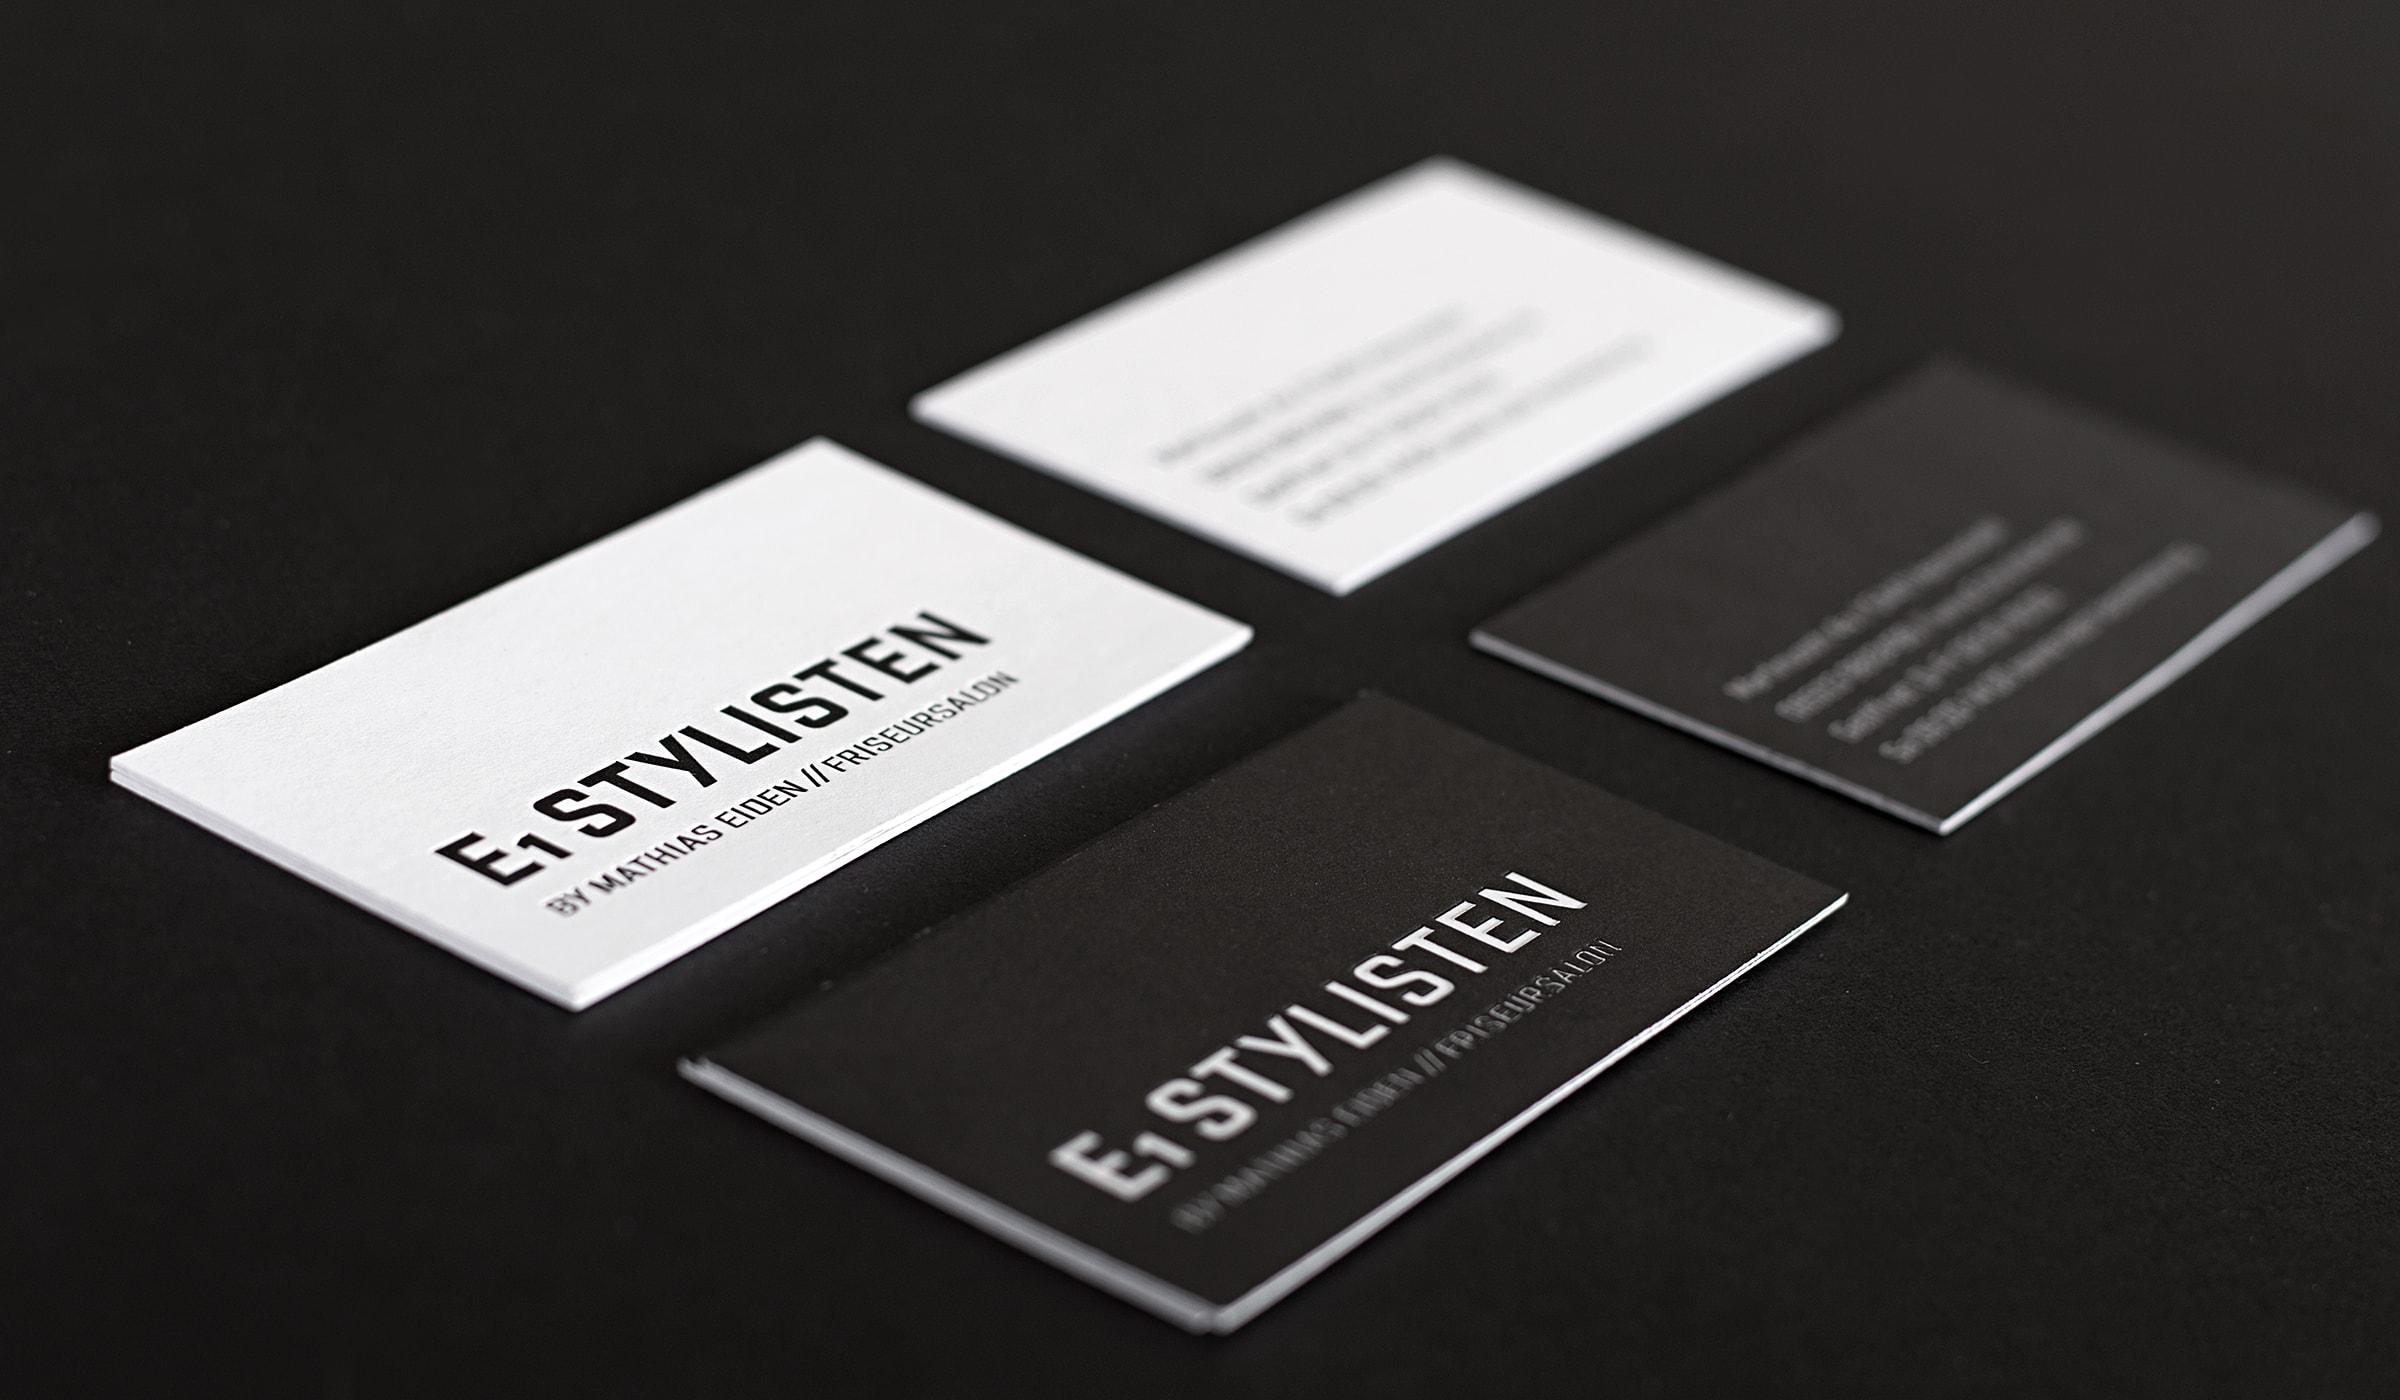 Konzeptarbeit ~ Corporate Design ~ Visitenkarten // Visitenkarten mit Heißfolienprägung // E1 Stylisten